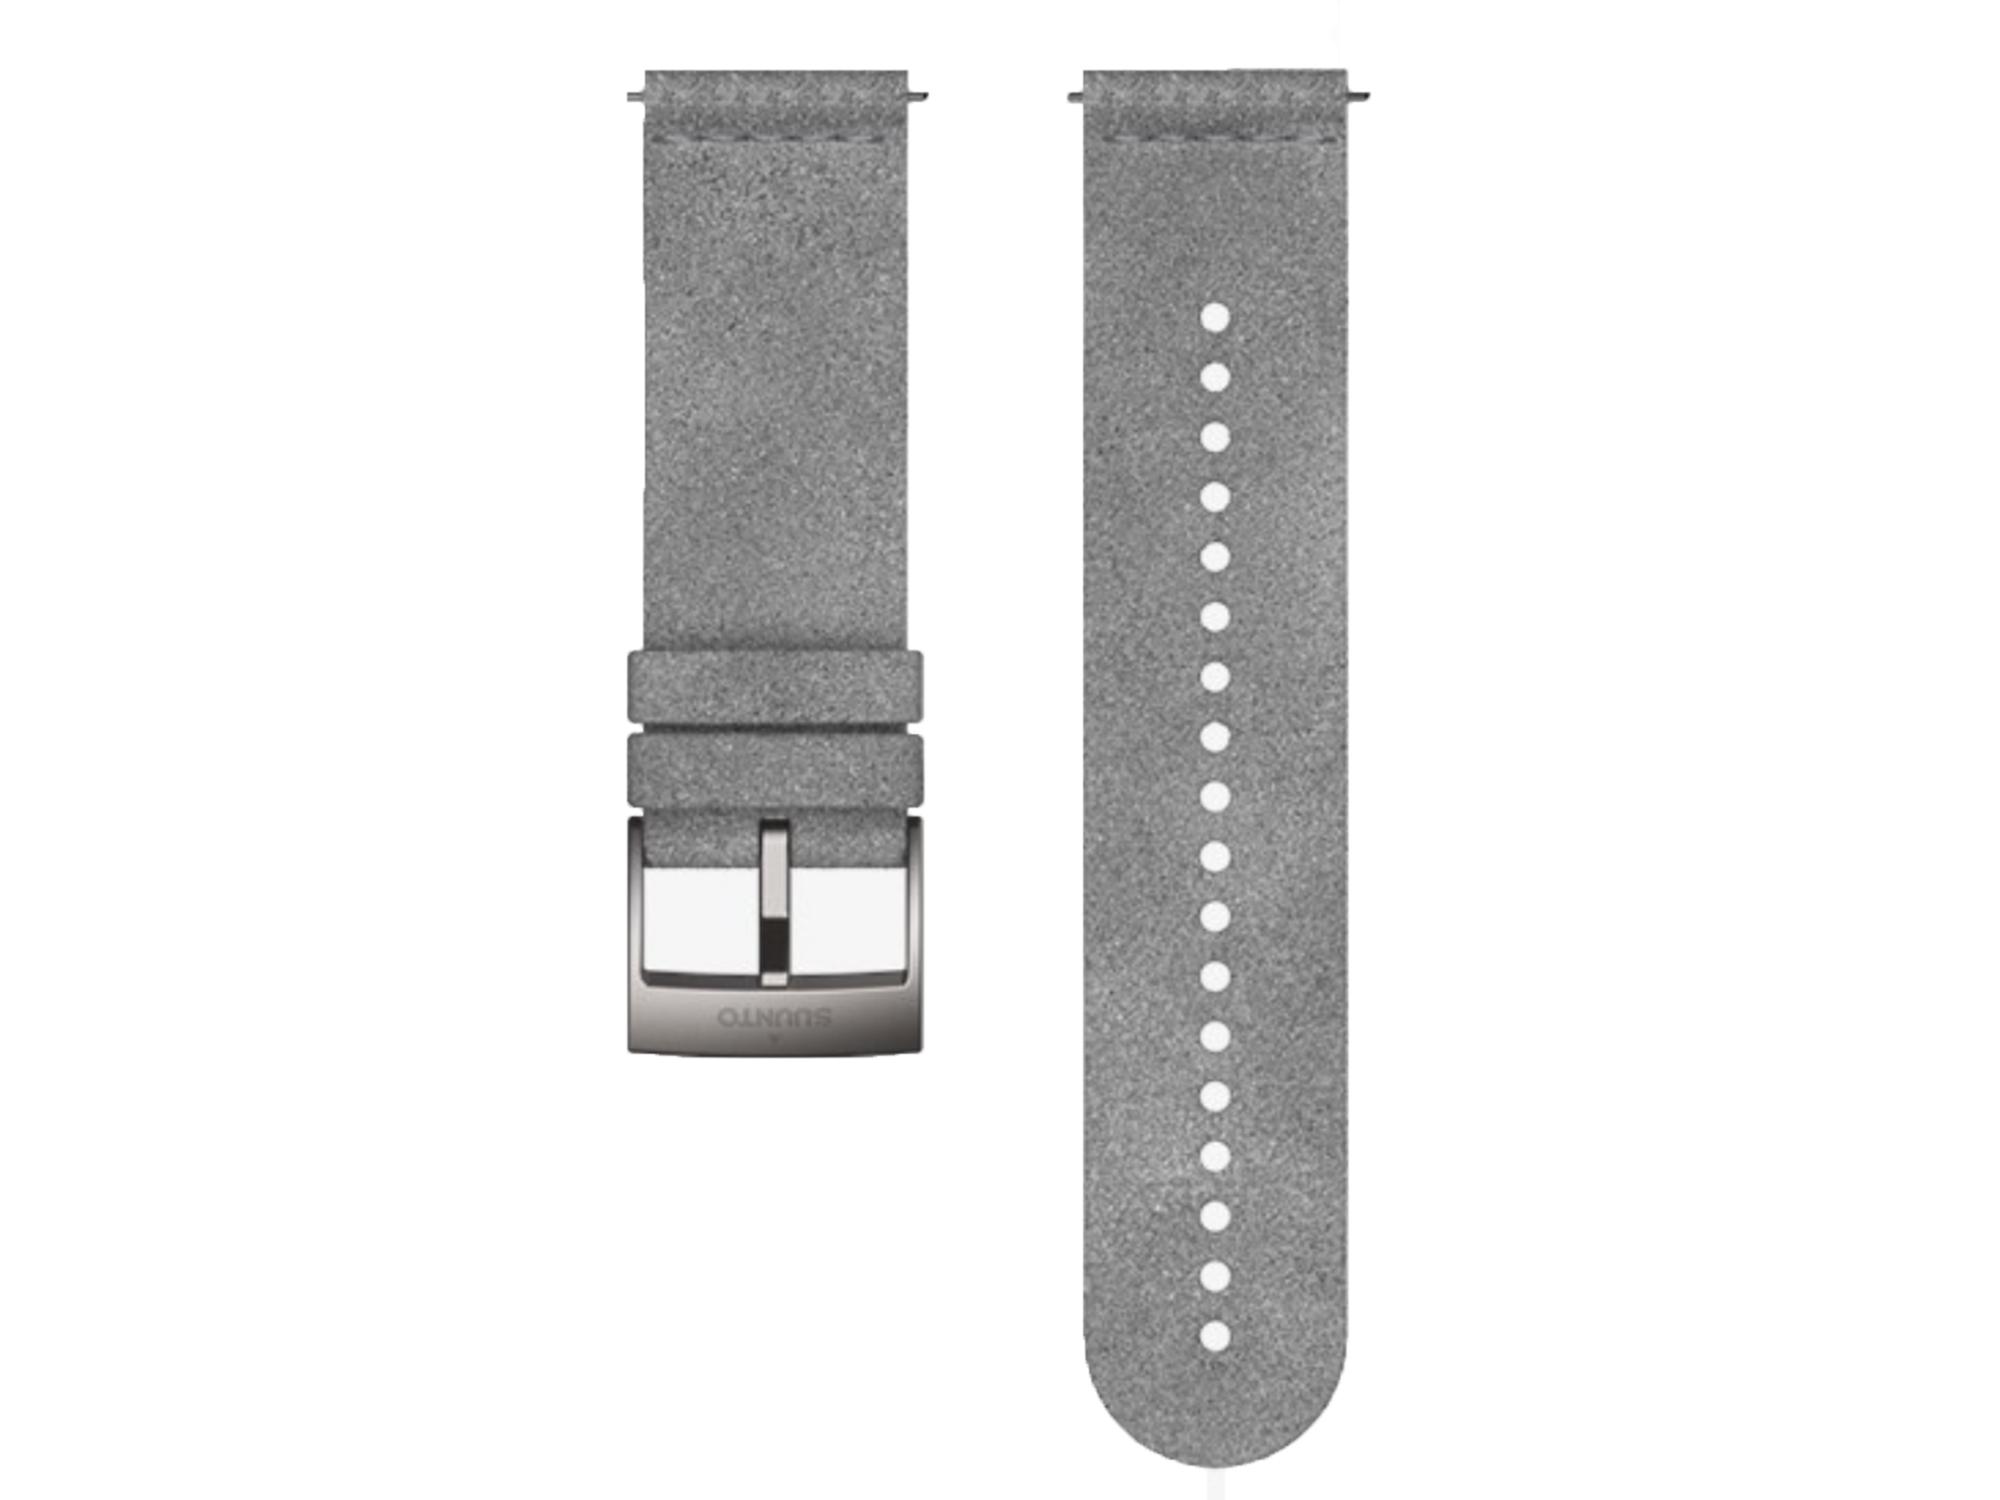 suunto microfiber strap